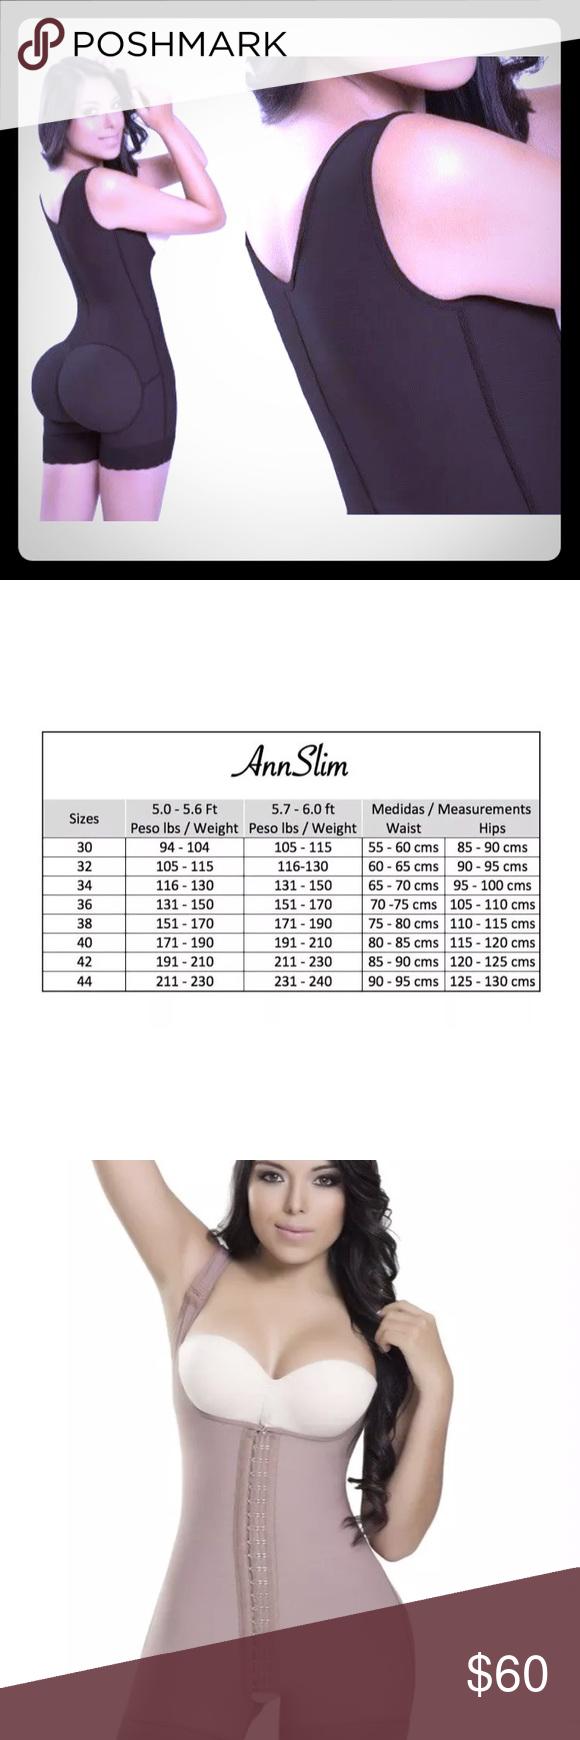 Ann Slim Faja Shapewear Size L See Size Chart Ann Slim The